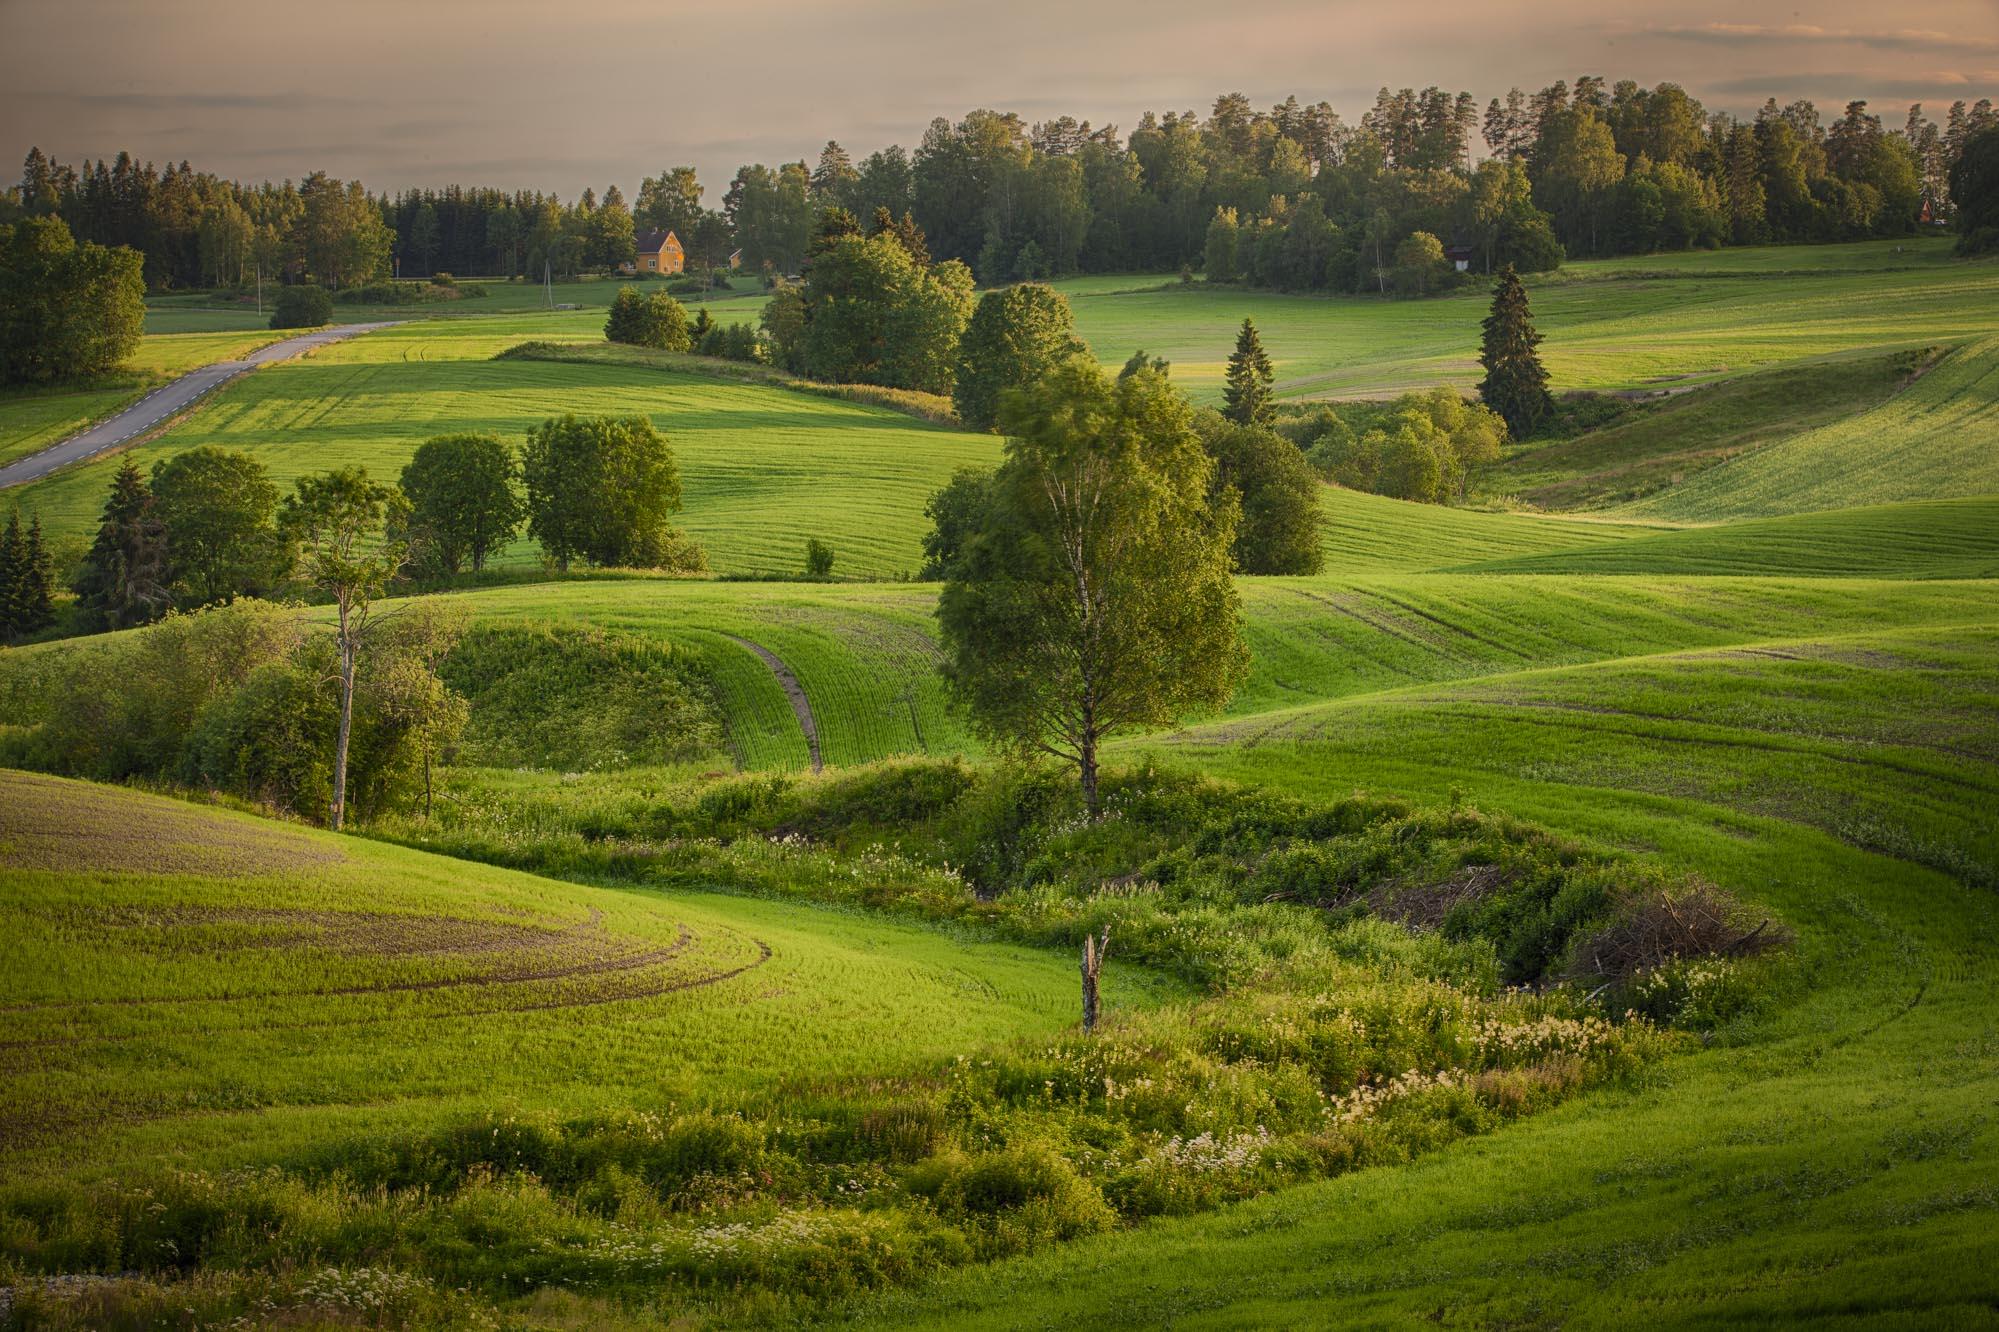 047 - Åkerlandskap i Kroer Foto: John Einar Sandvand